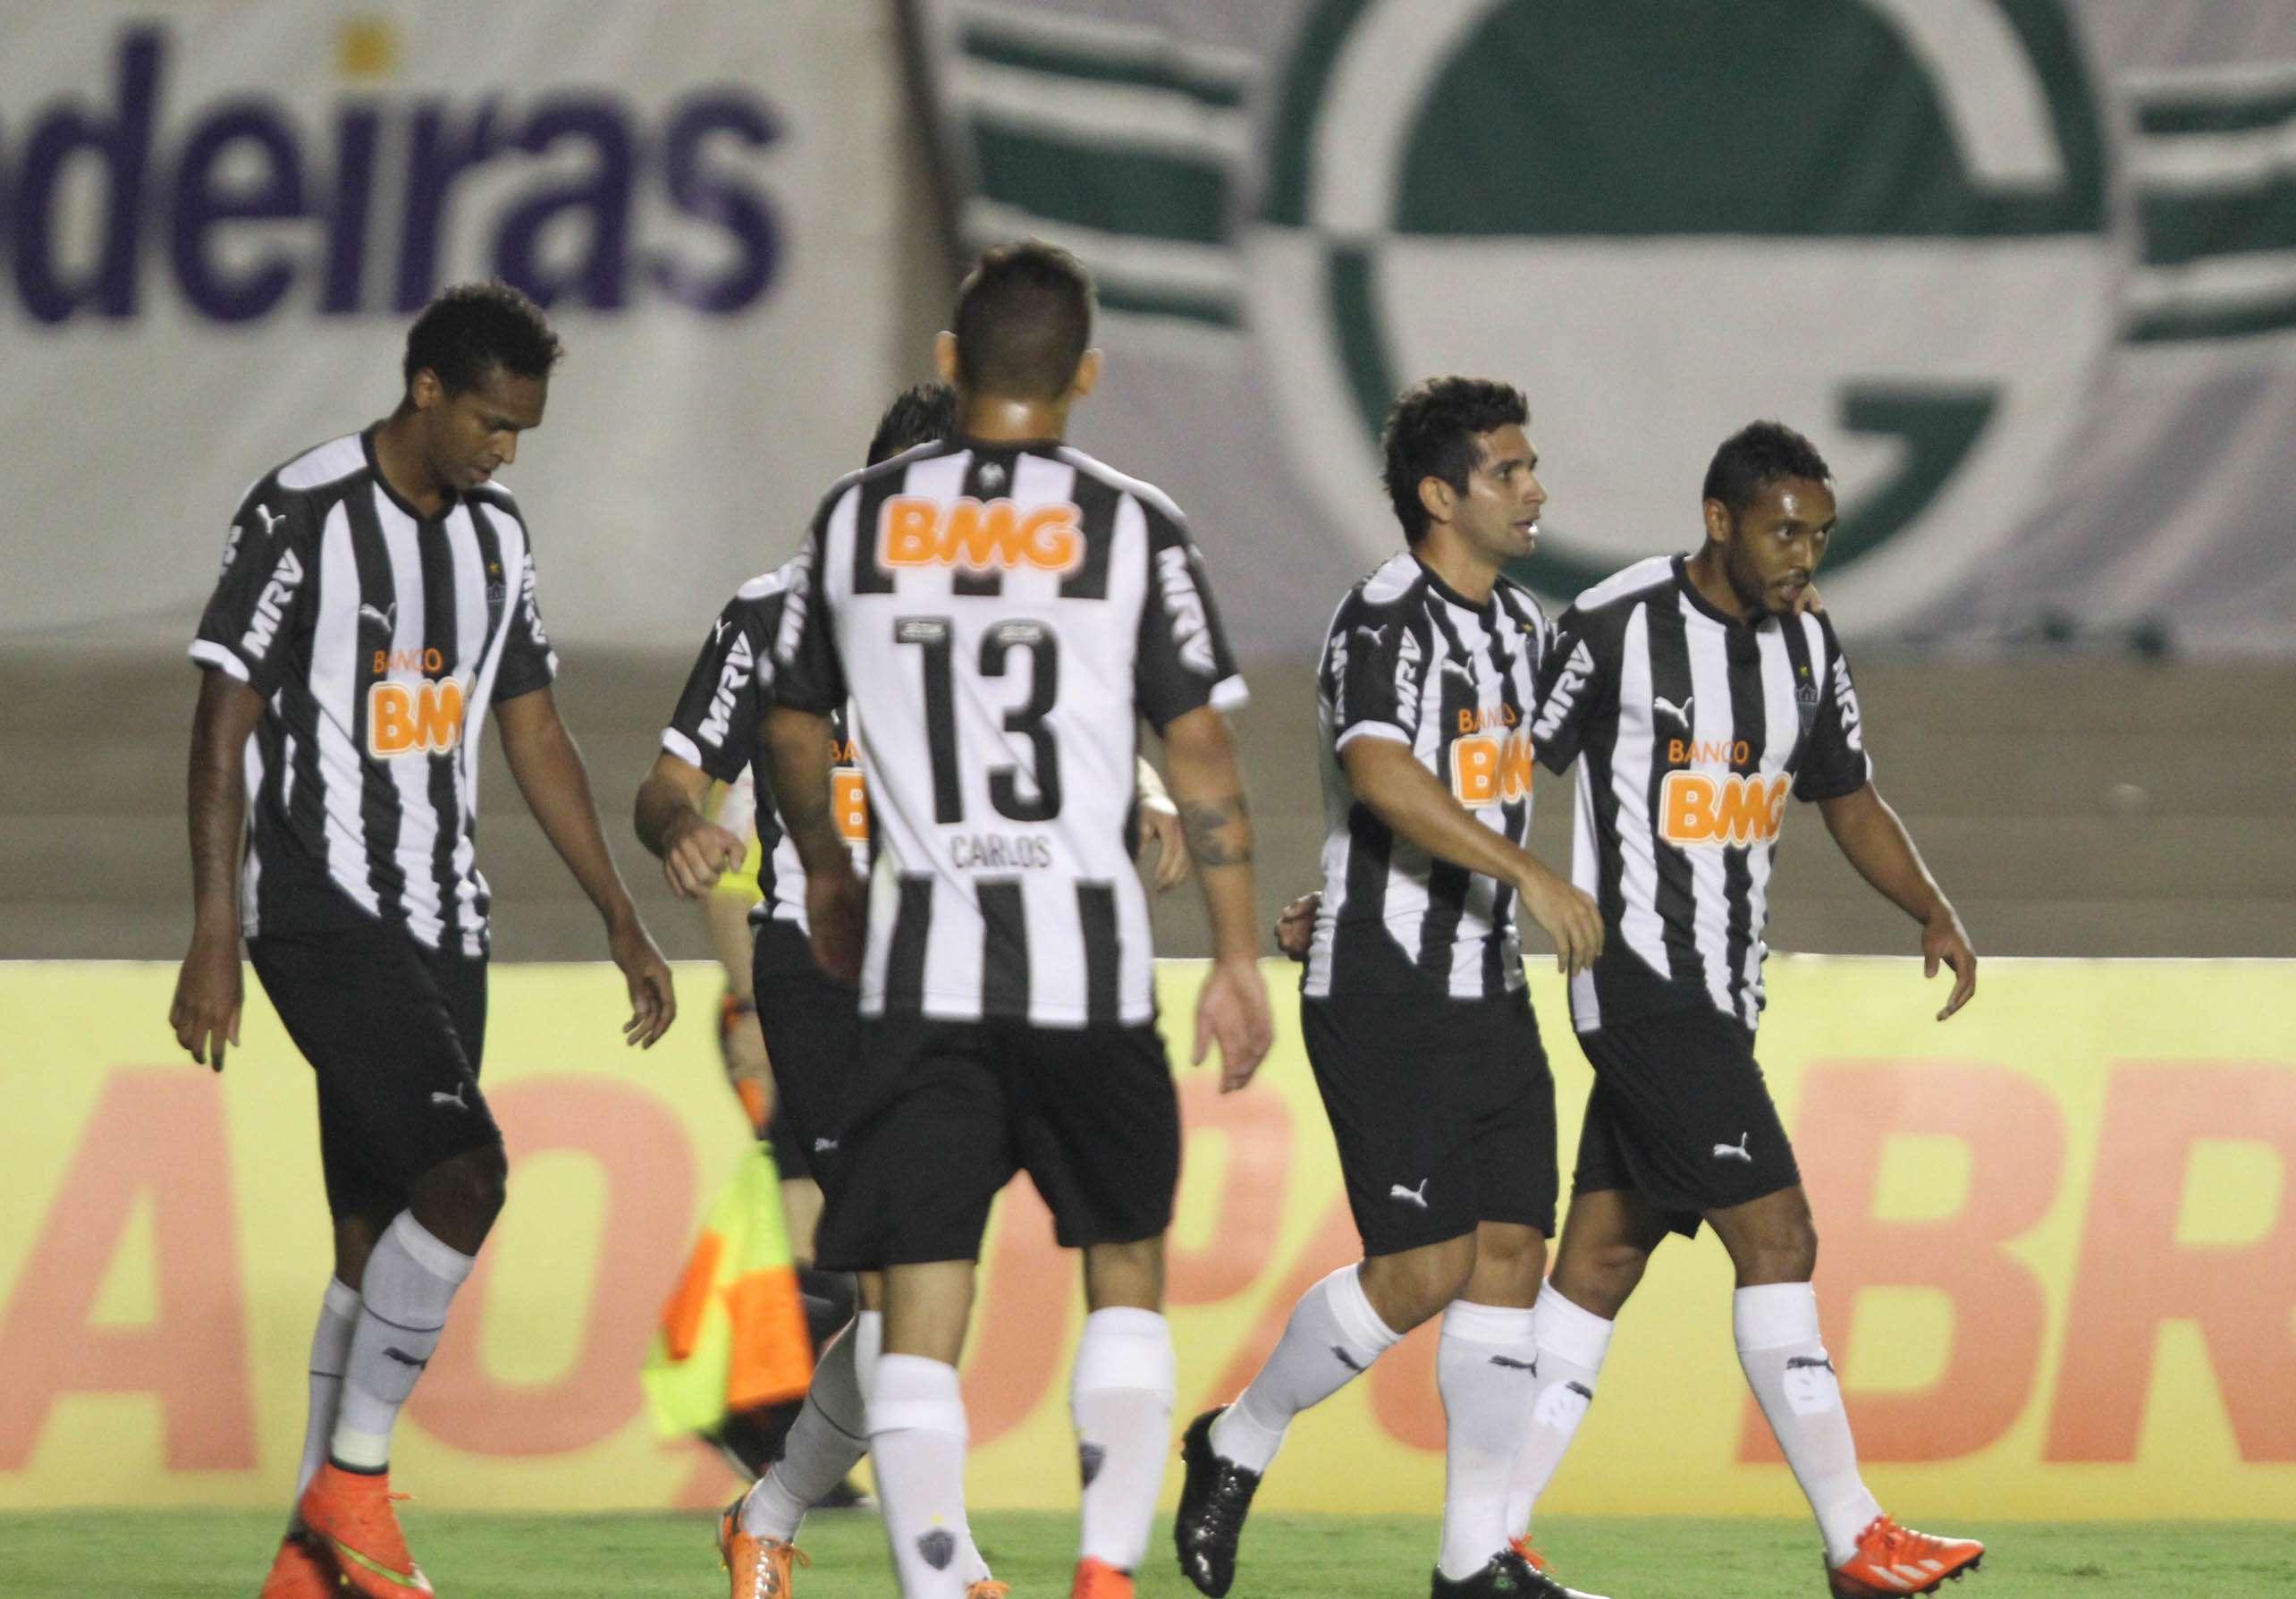 Atlético-MG comemora vitória sobre o Goiás no Serra Dourada Foto: Carlos Costa/Agência Lance